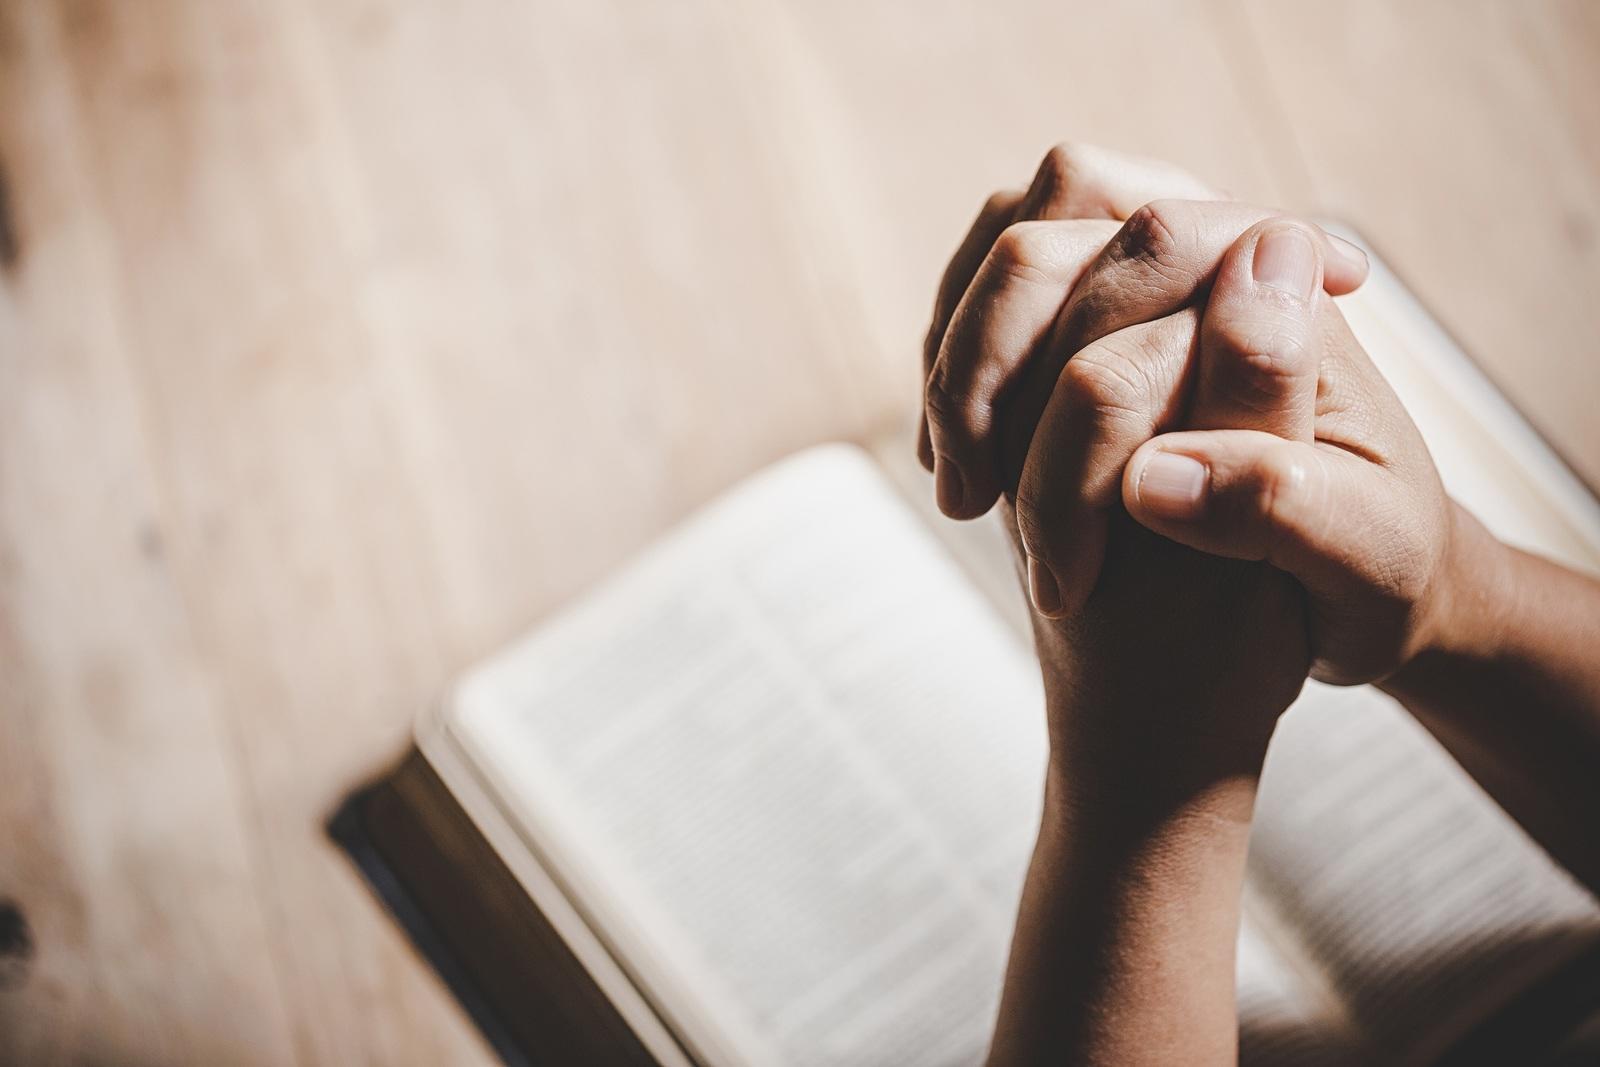 У Страсний тиждень варто більше молитися